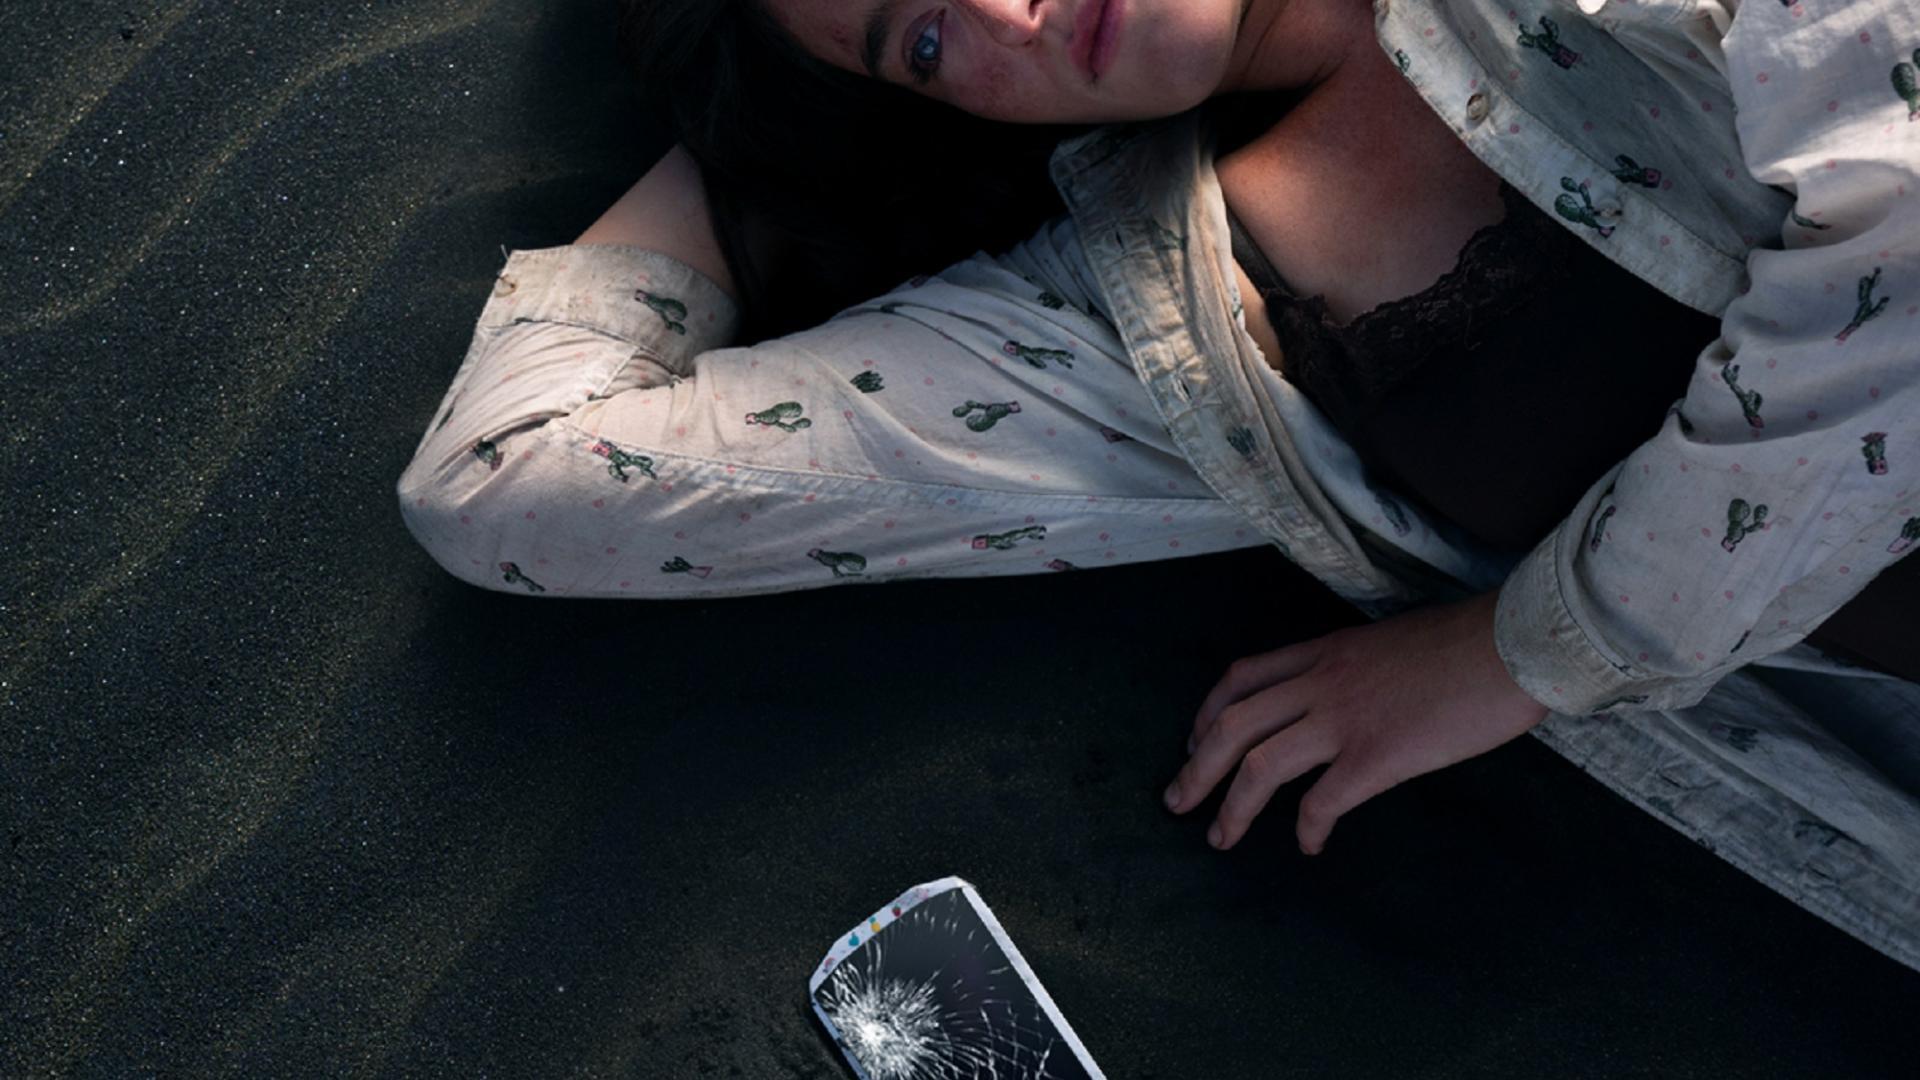 Serie, Mädchen, Strand, Handy